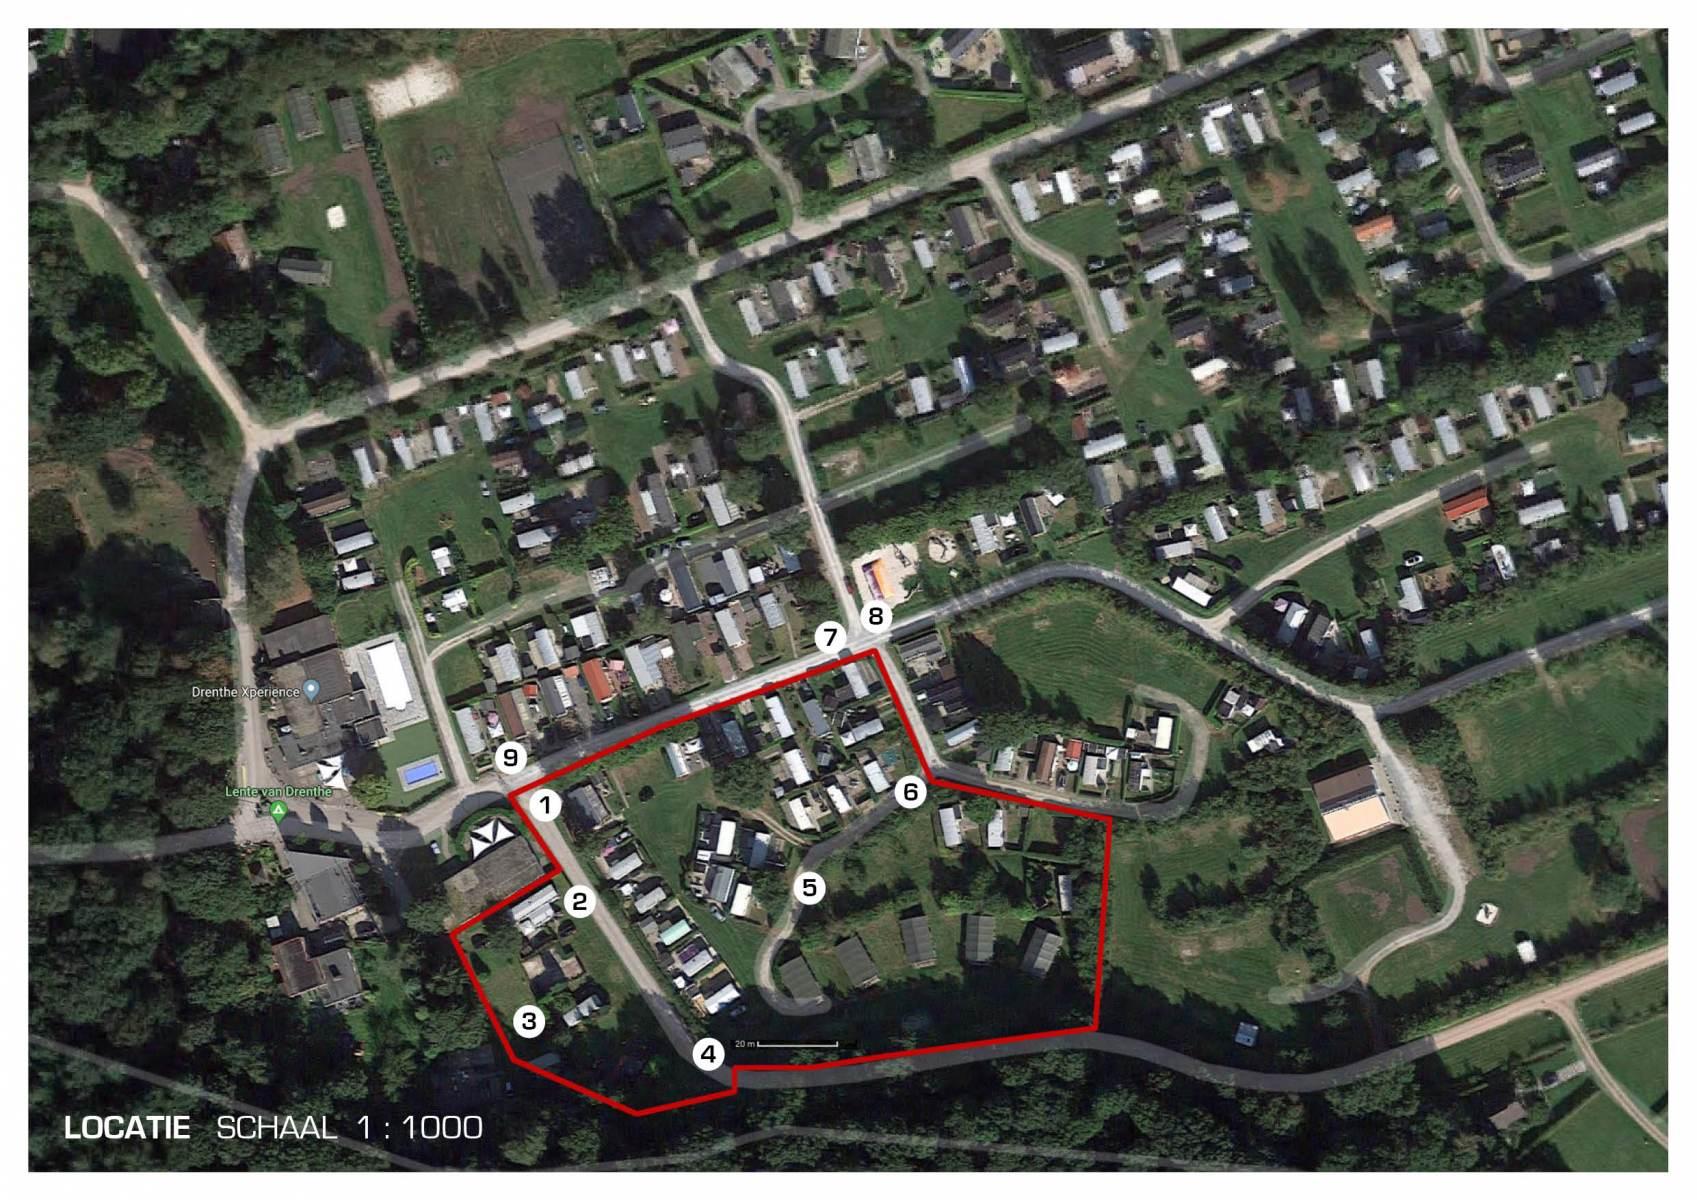 Locatiestudie-Lente-van-Drenthe3